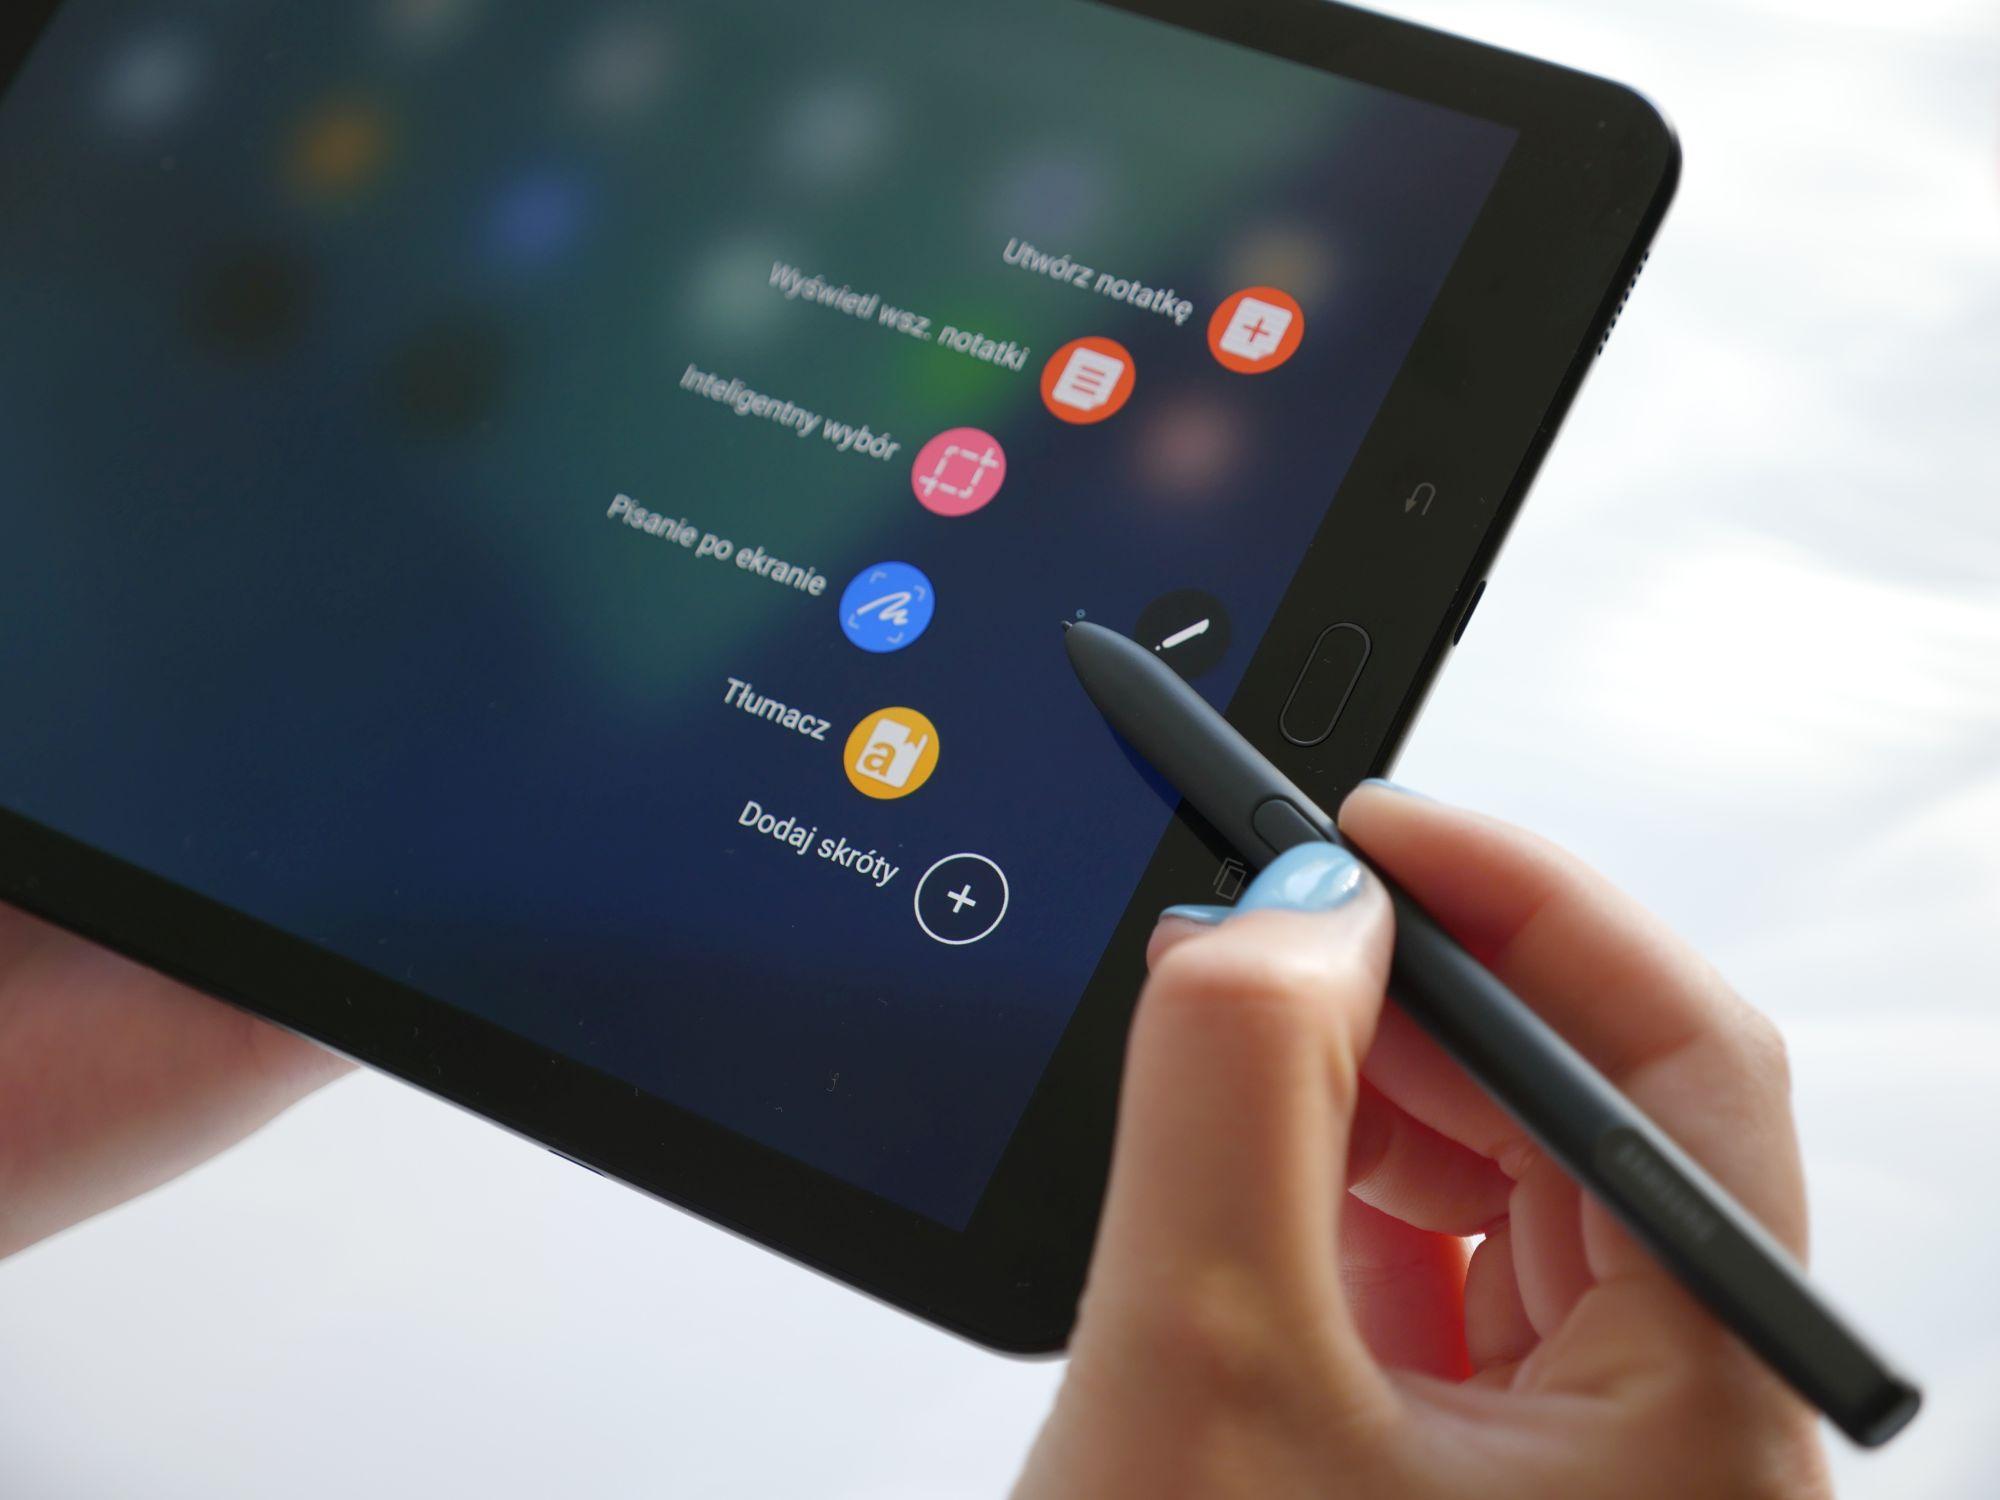 No i jest! Android 8.0 Oreo dla Samsunga Galaxy Tab S3 9.7 dotarł do Polski 28